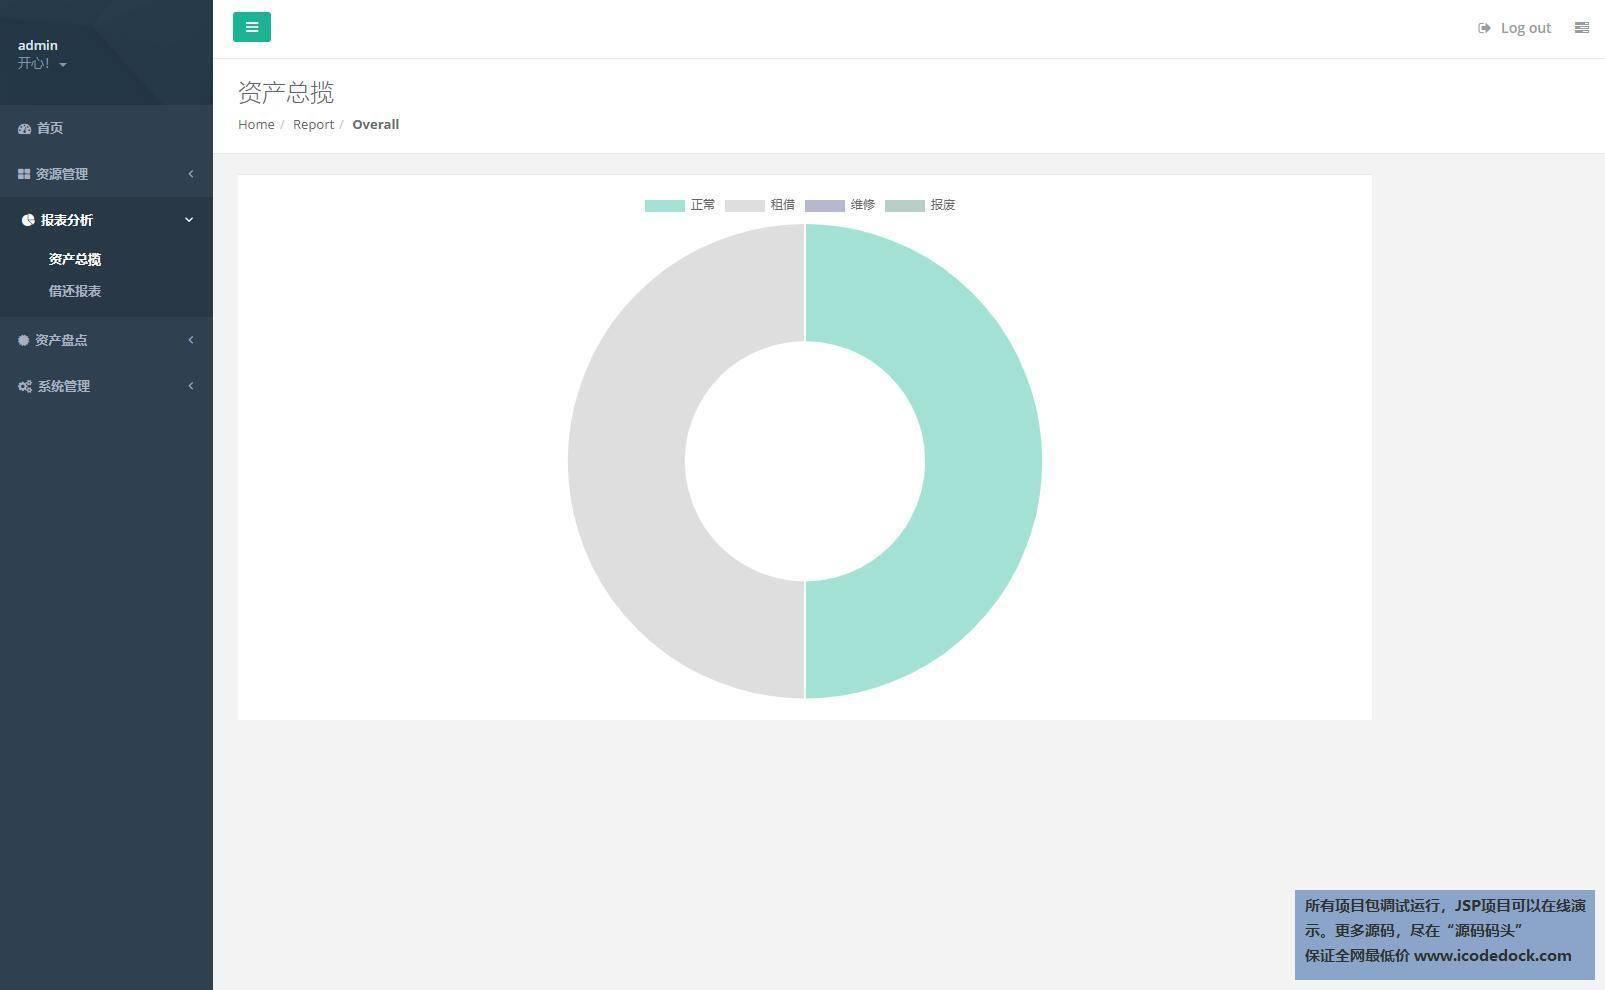 源码码头-SpringBoot企业固定资产管理系统-超级管理员角色-资产总览